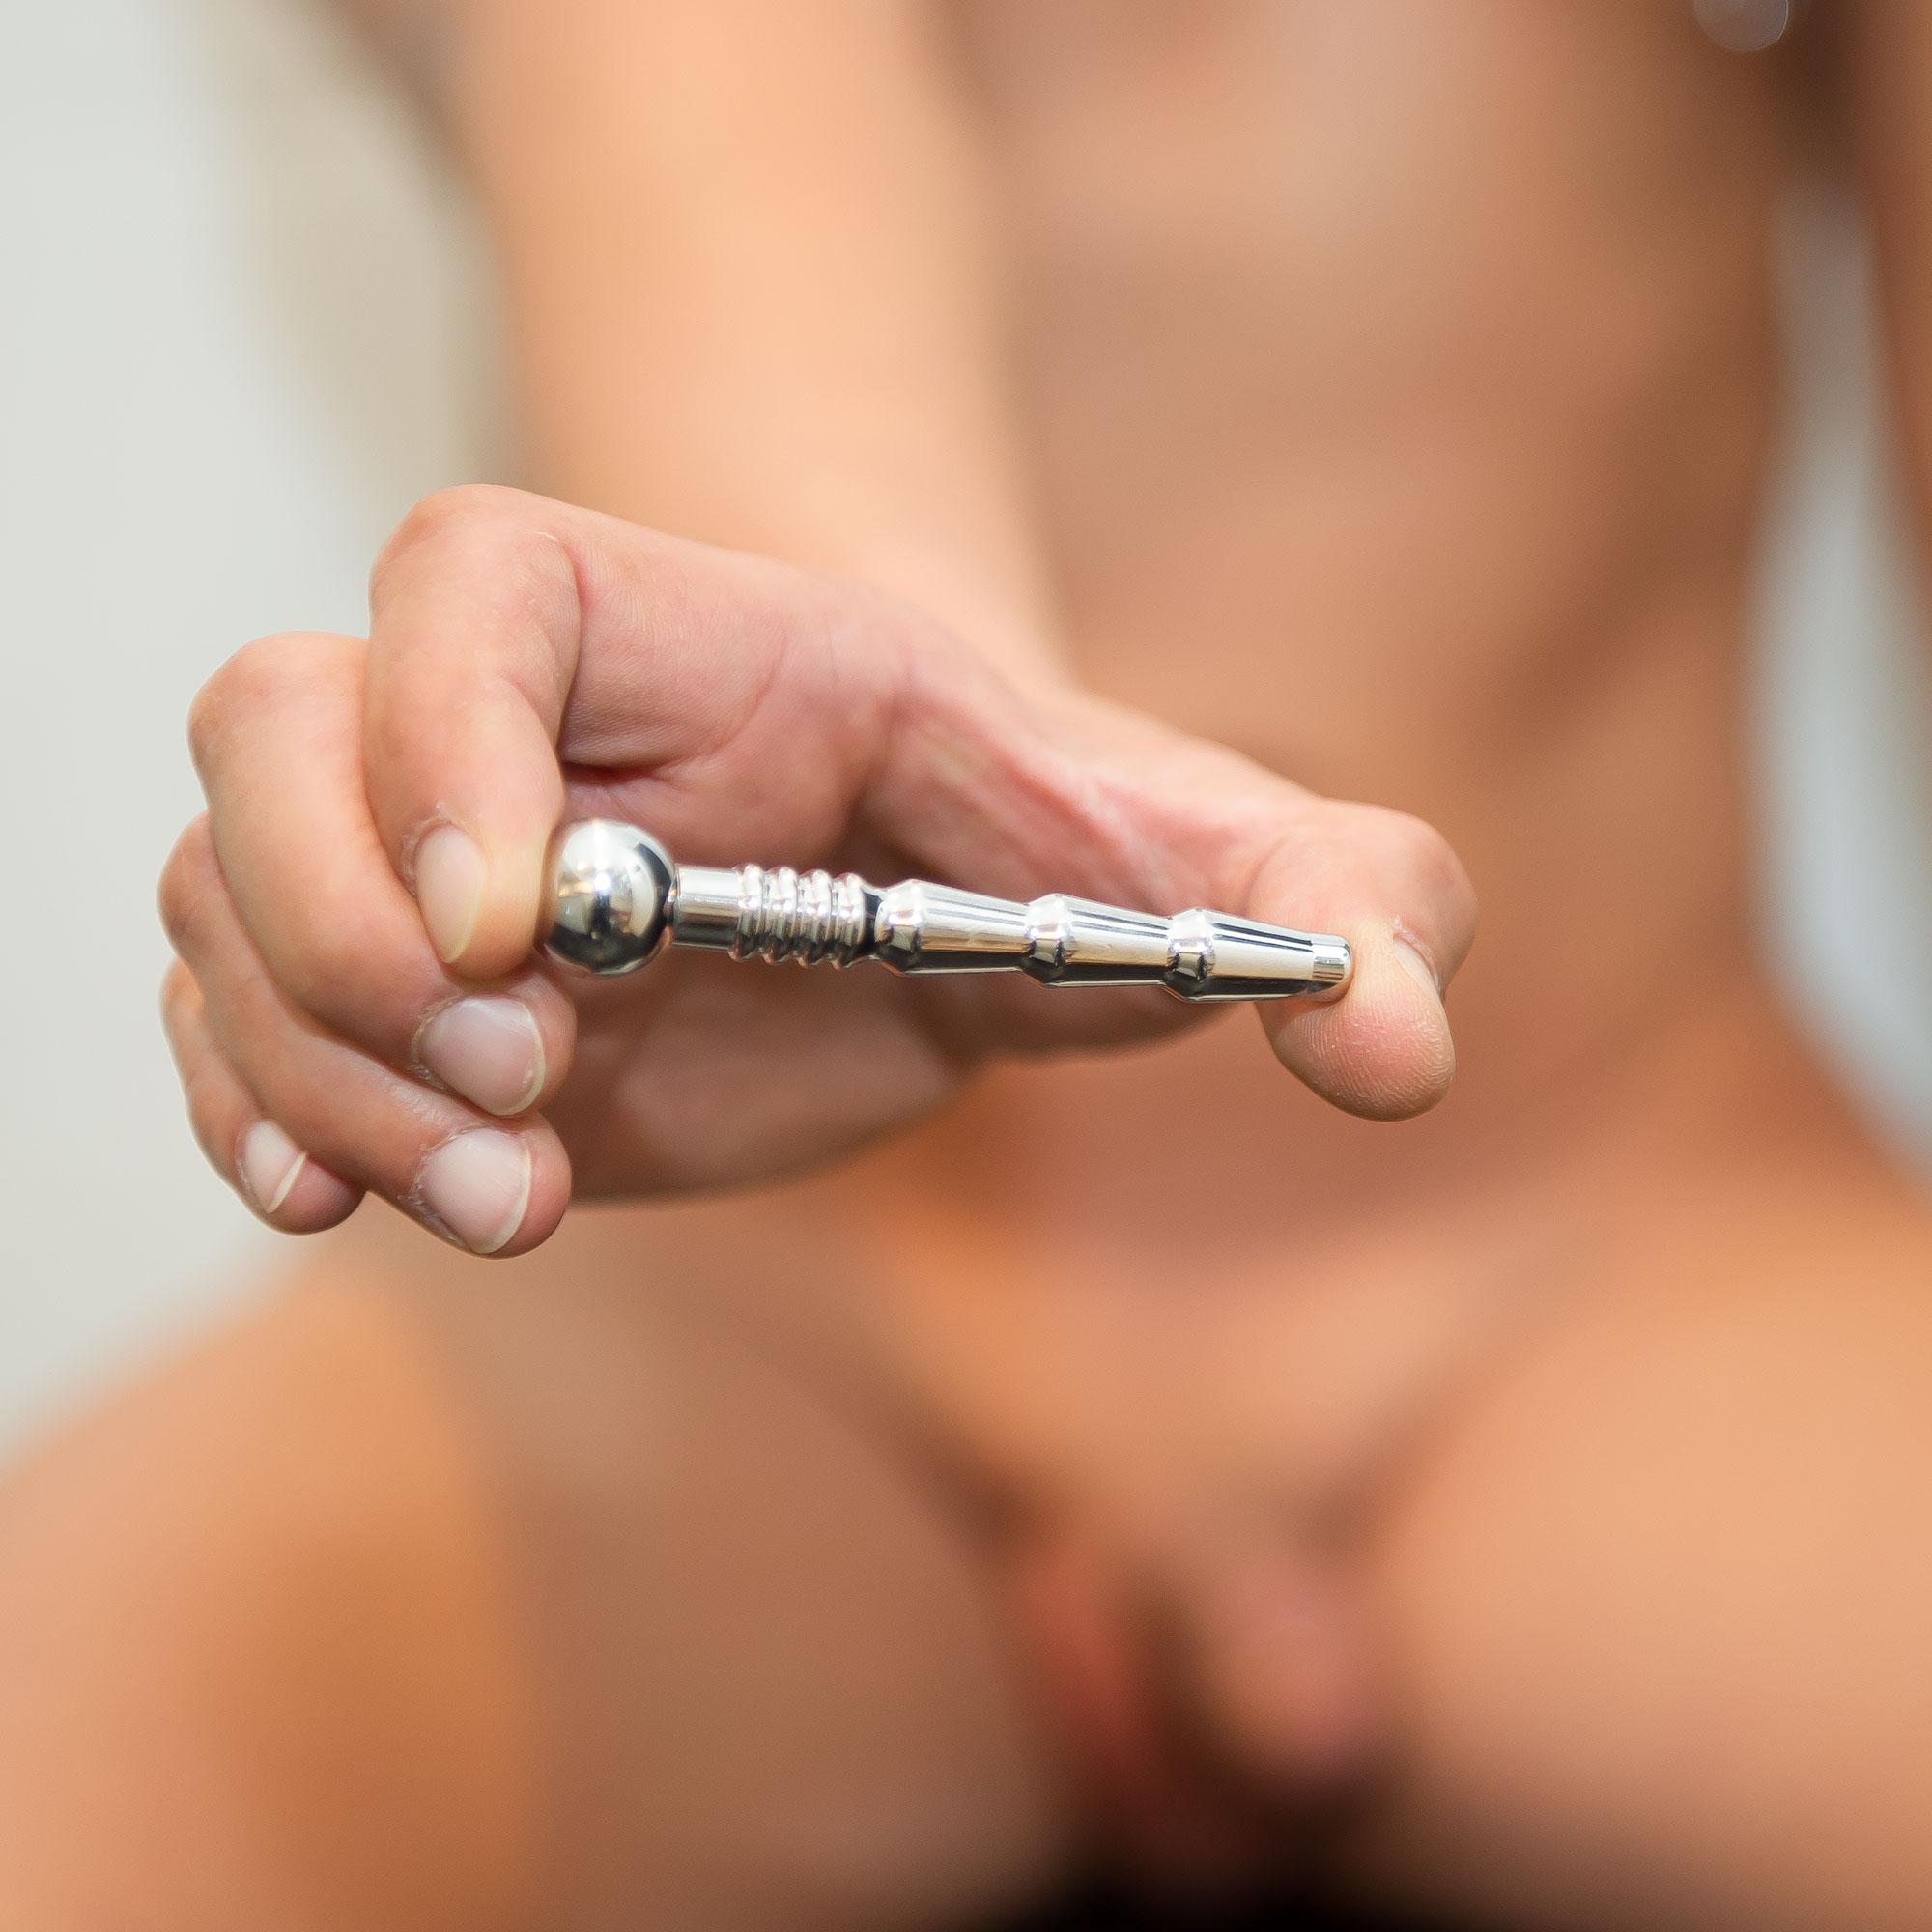 cum să froti crema pe penis